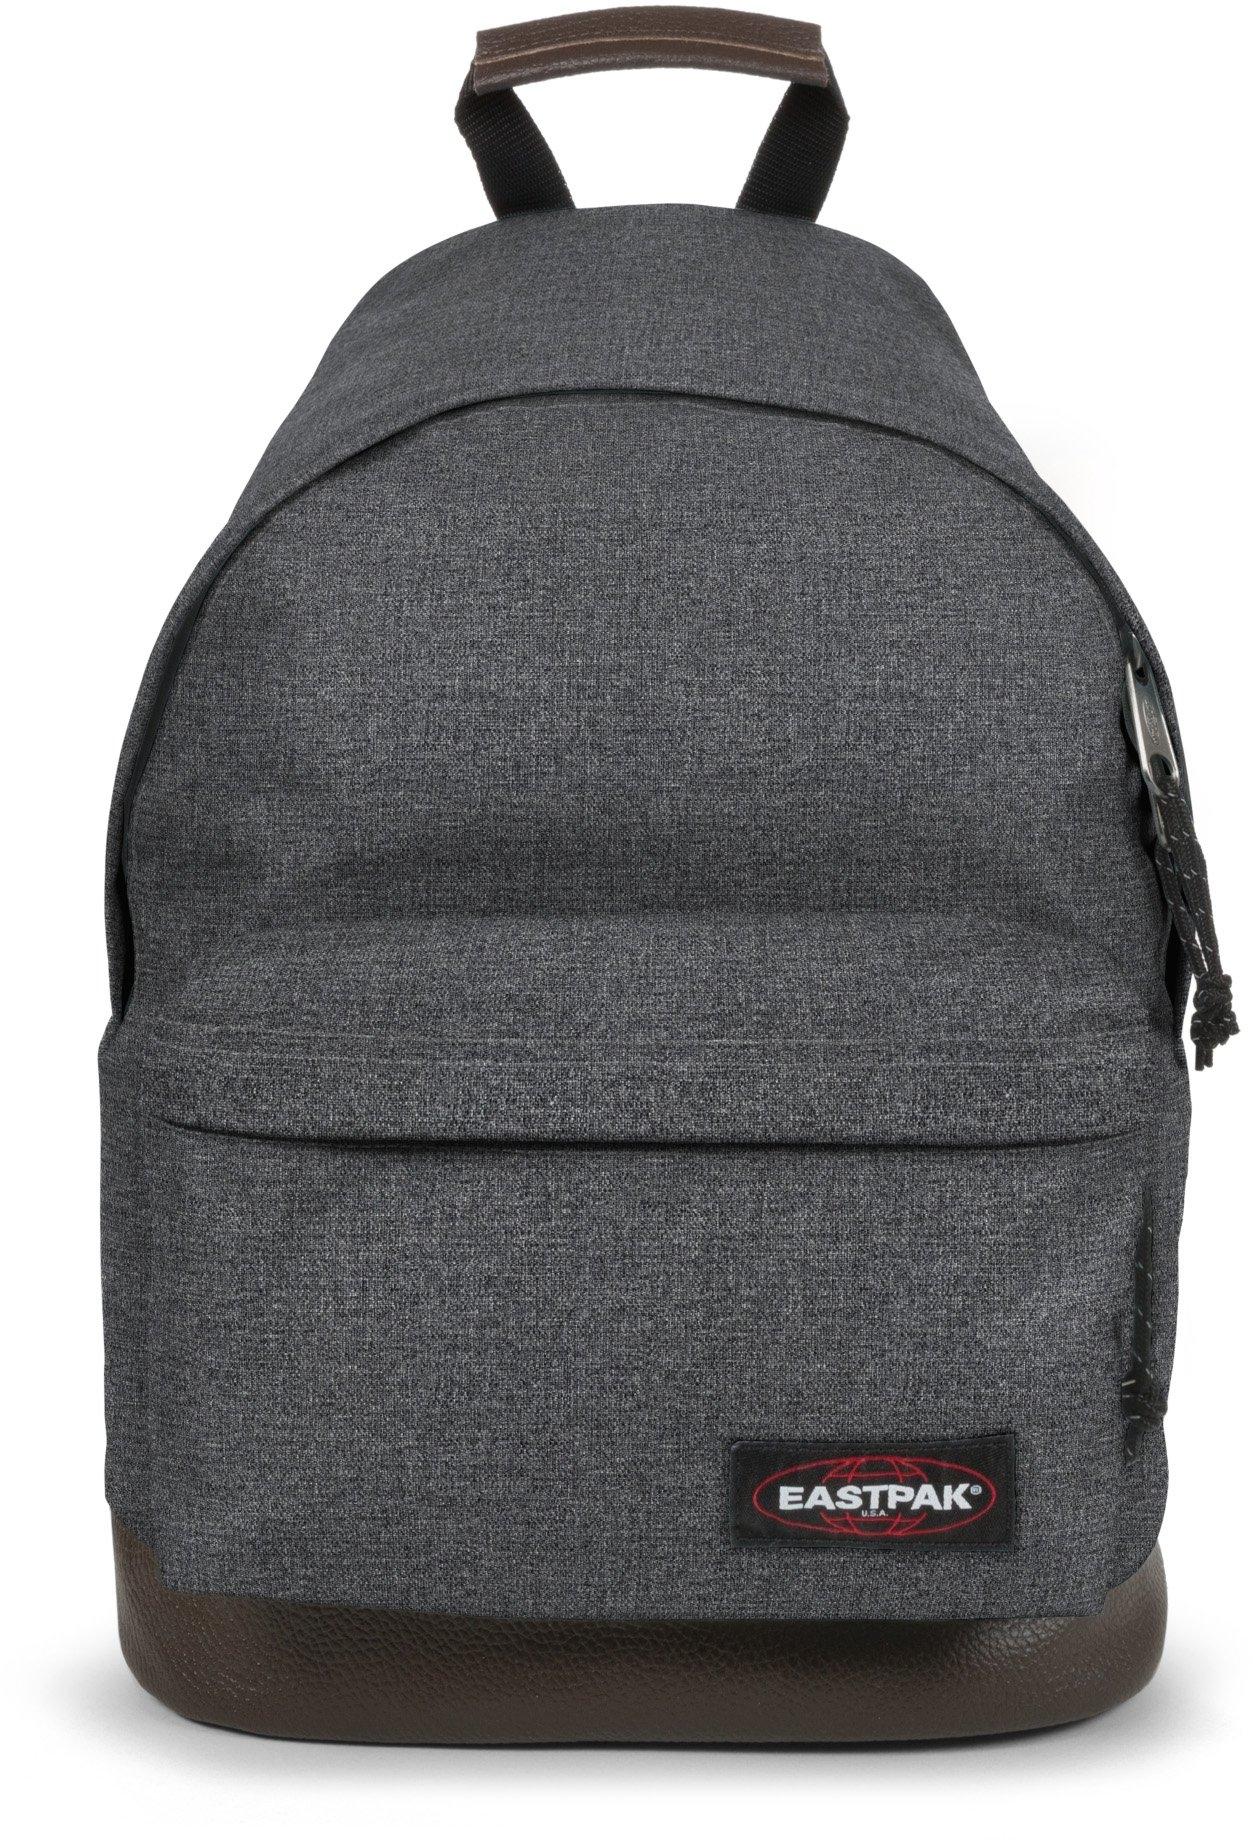 Eastpak rugzak, »WYOMING black denim« nu online kopen bij OTTO